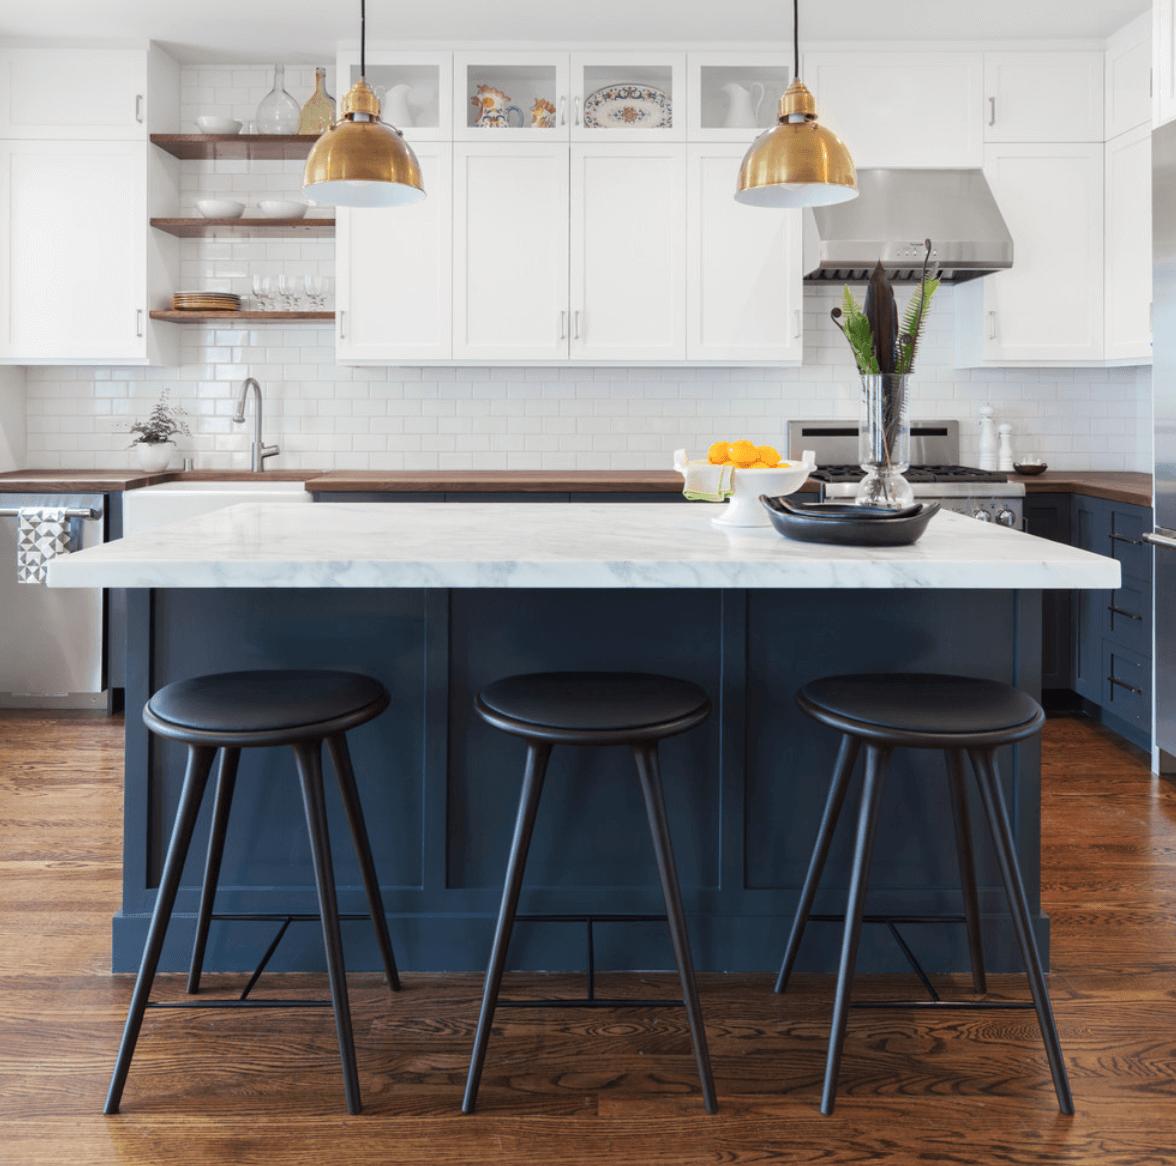 Благородный темно-синий цвет острова в интерьере светлой кухни